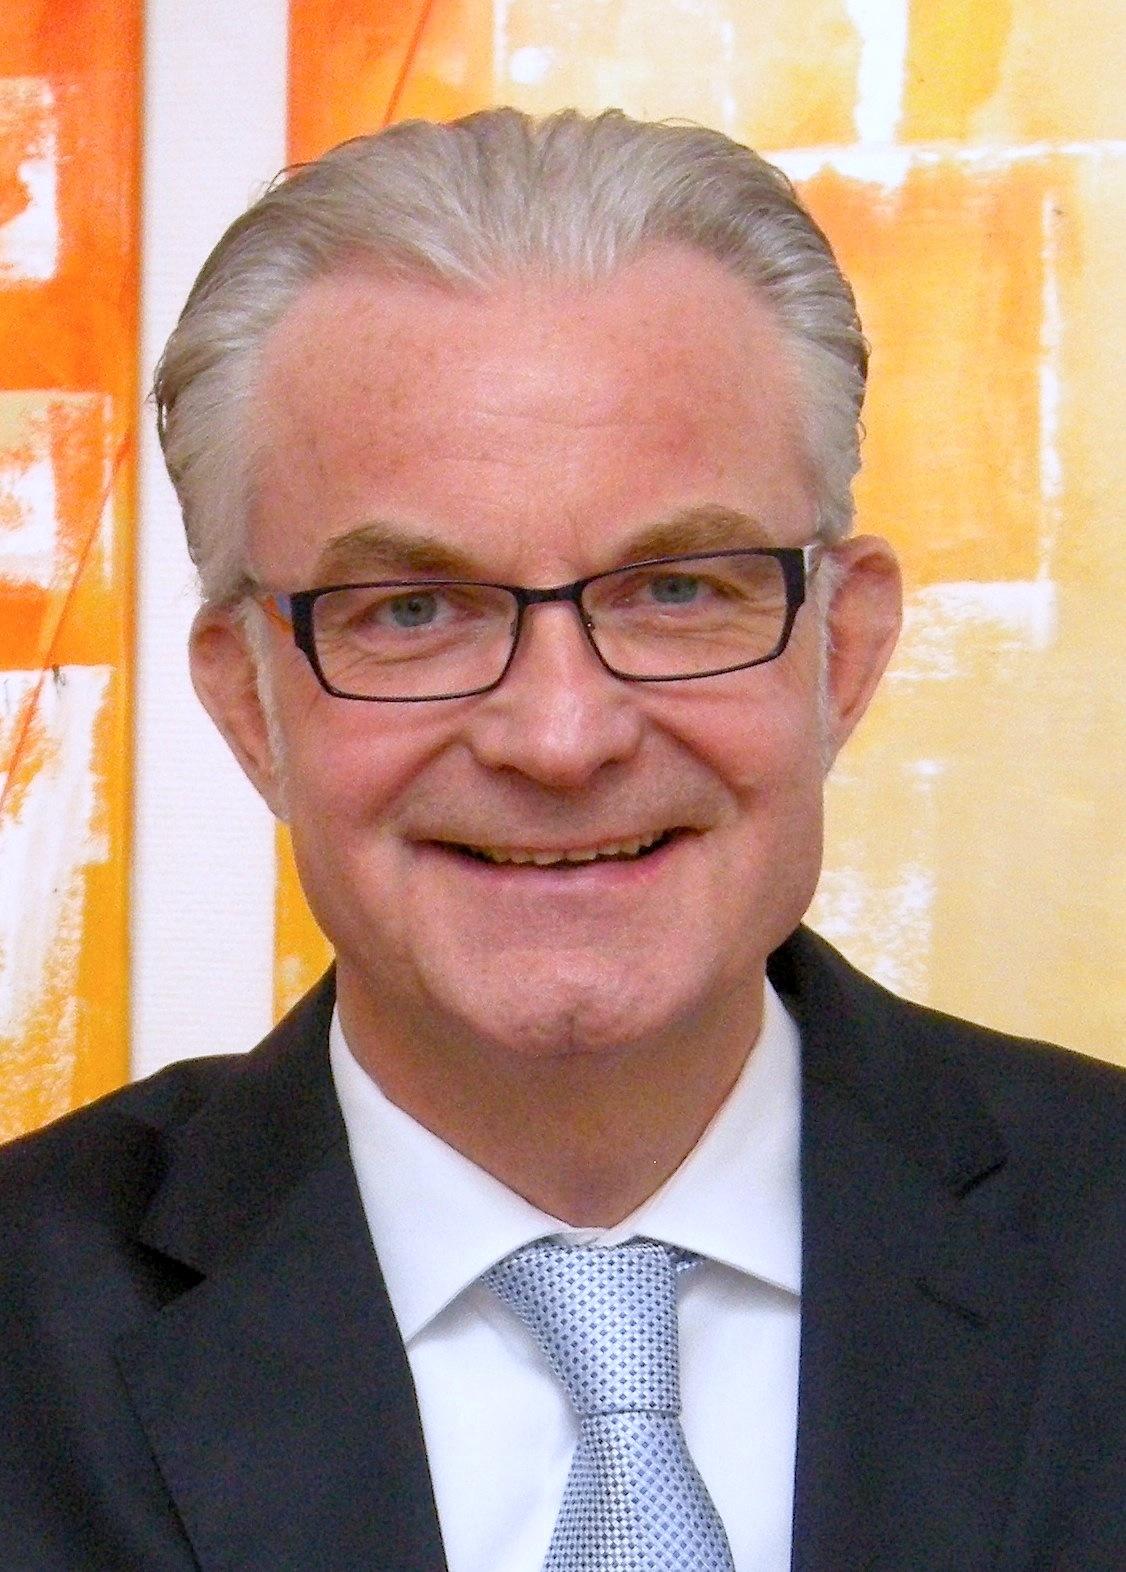 Frank Heinrich